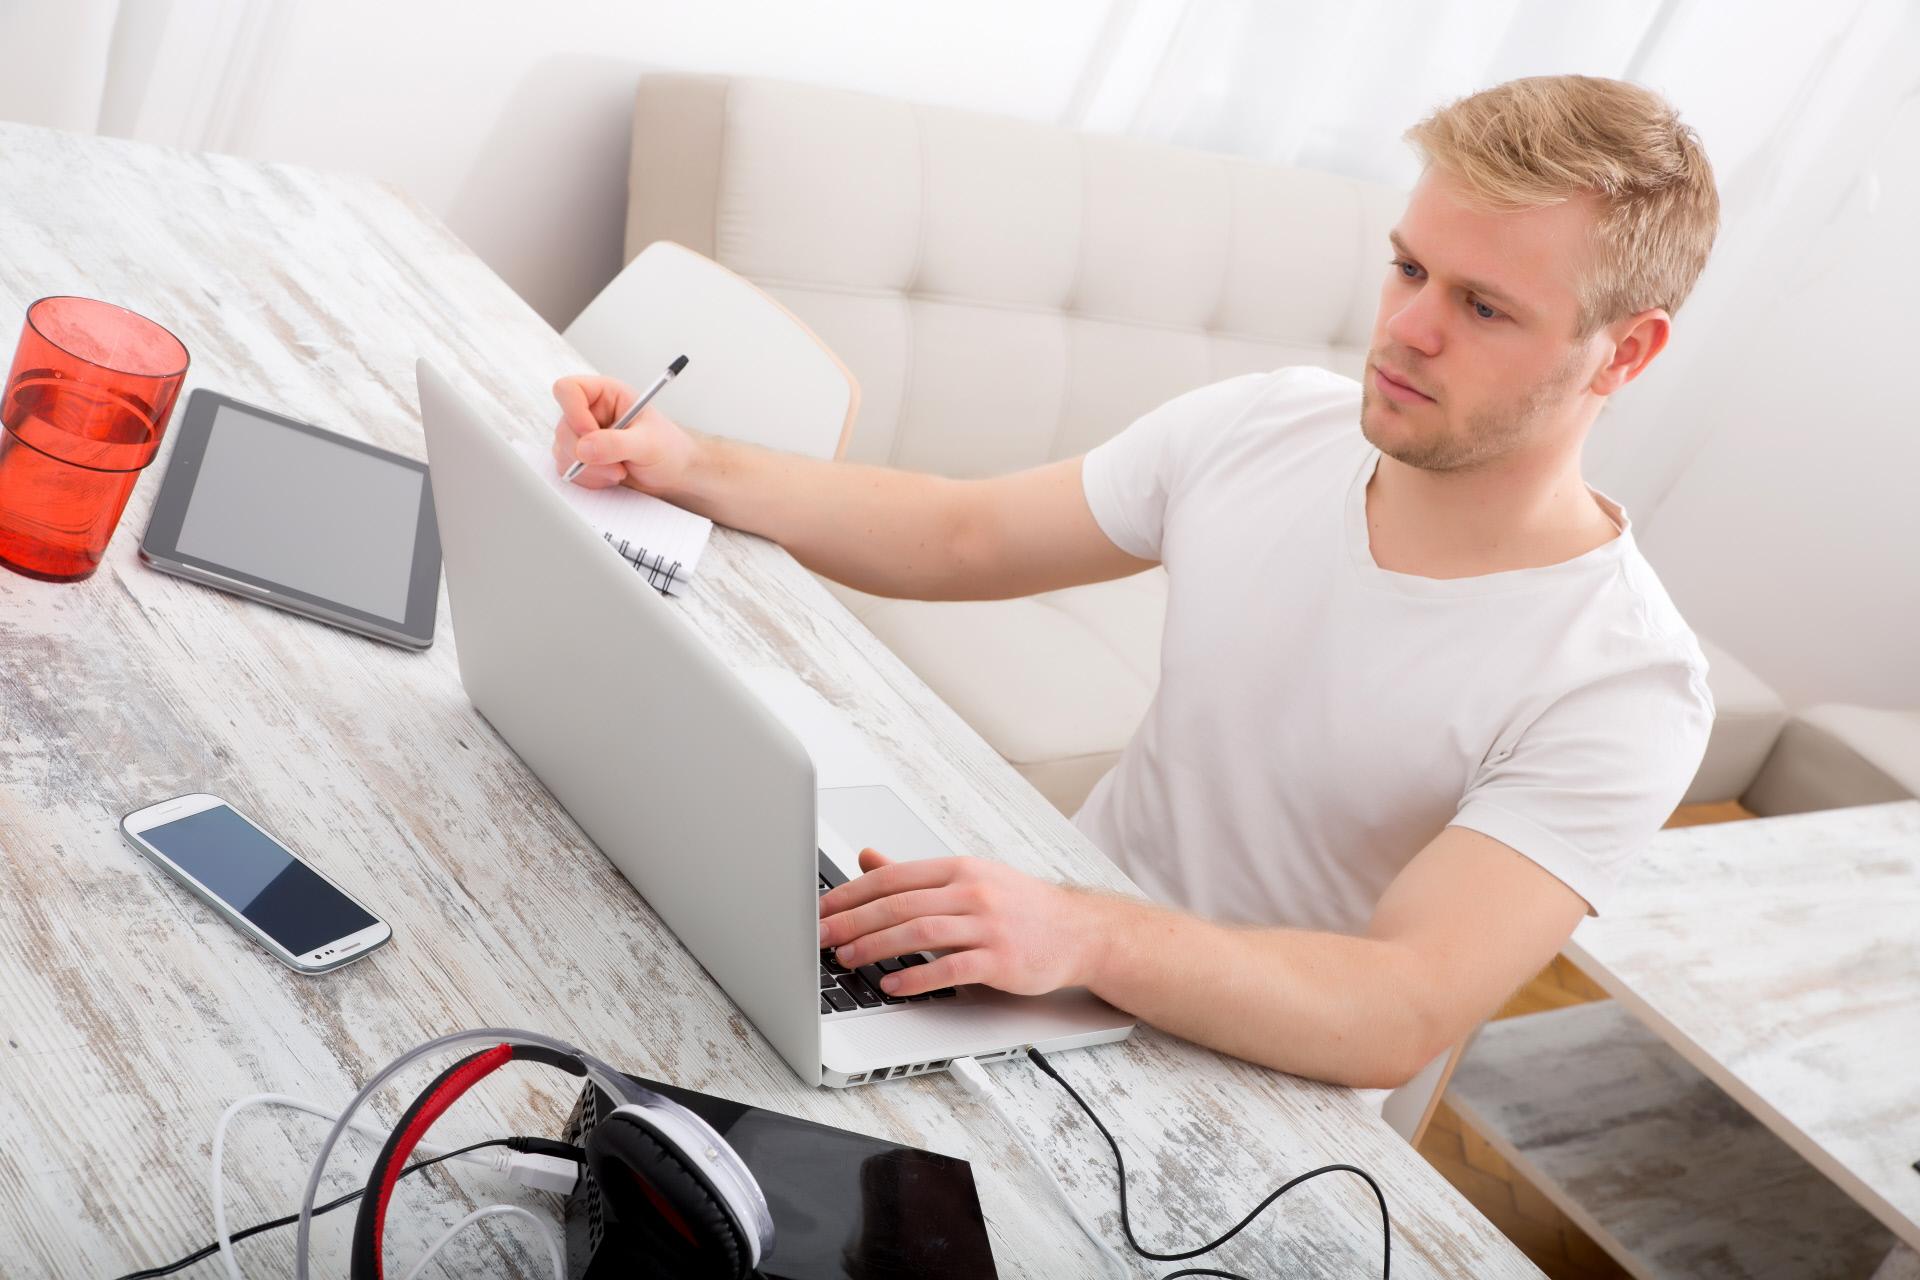 Las consecuencias en el IRPF e IVA para arrendadores e inquilinos por trabajar en una vivienda alquilada